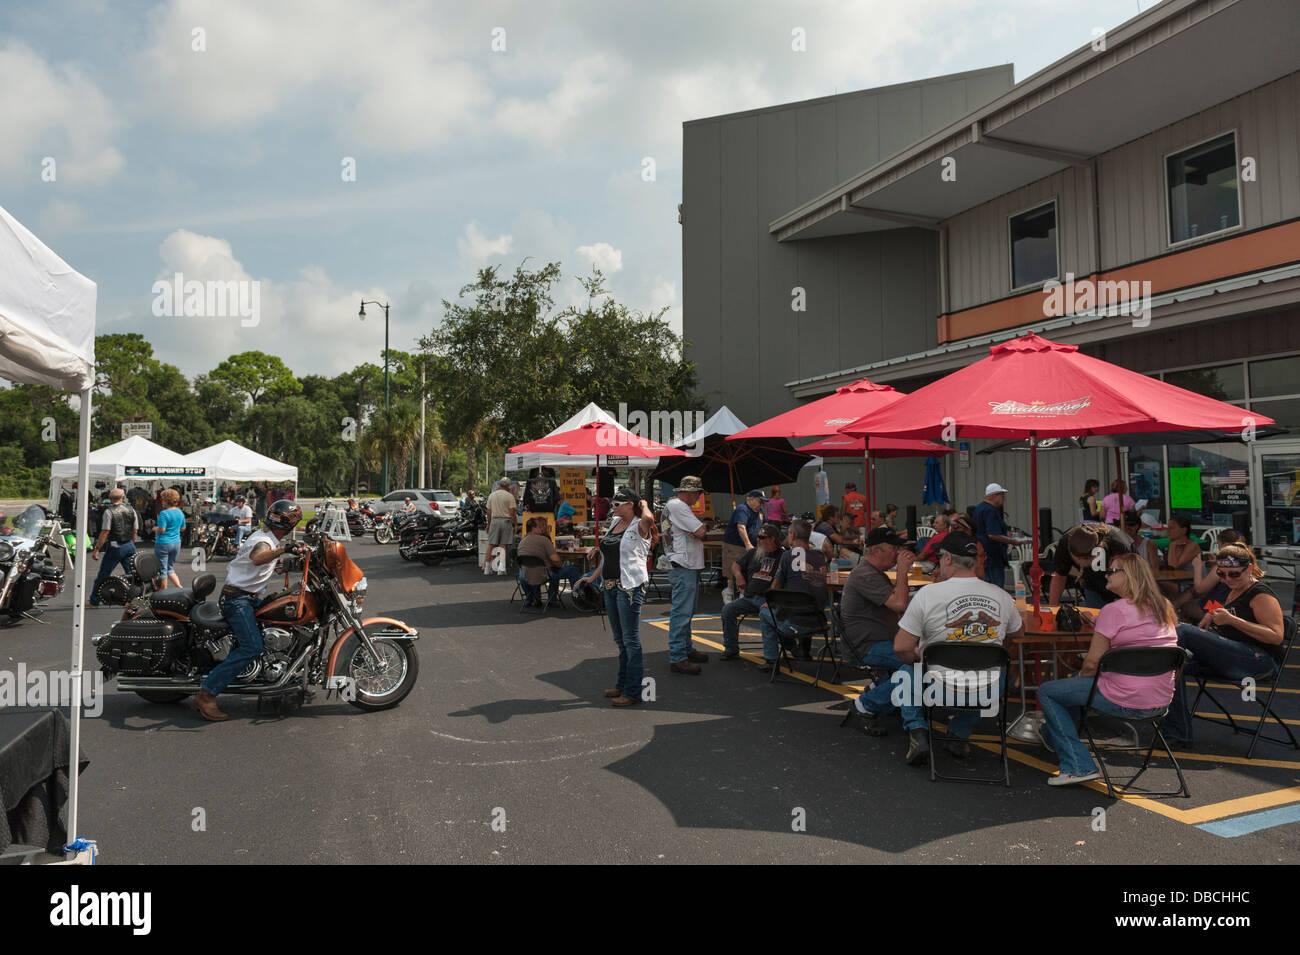 People enjoying some food while attending the Gator Harley-Davidson